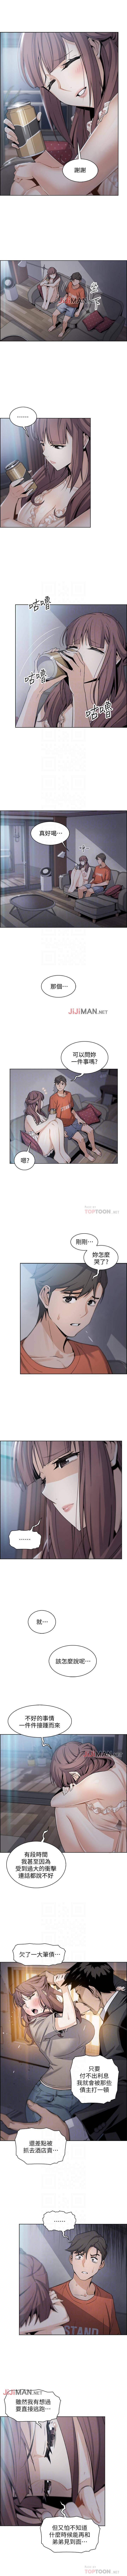 【周四连载】前女友变女佣(作者:PAPER&頸枕) 第1~33话 85